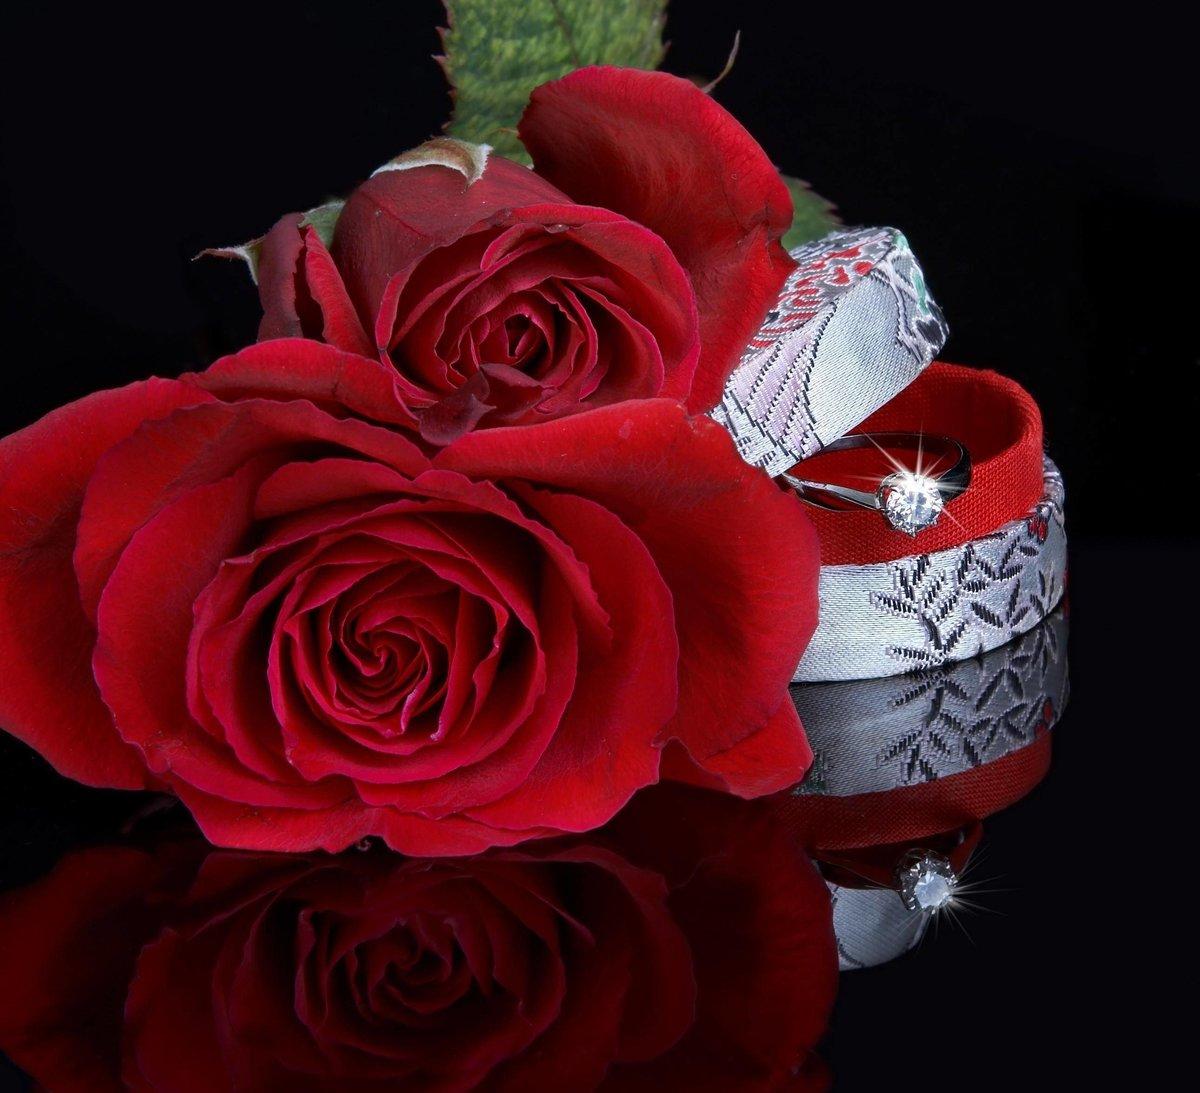 Любовные картинки с надписями и розами